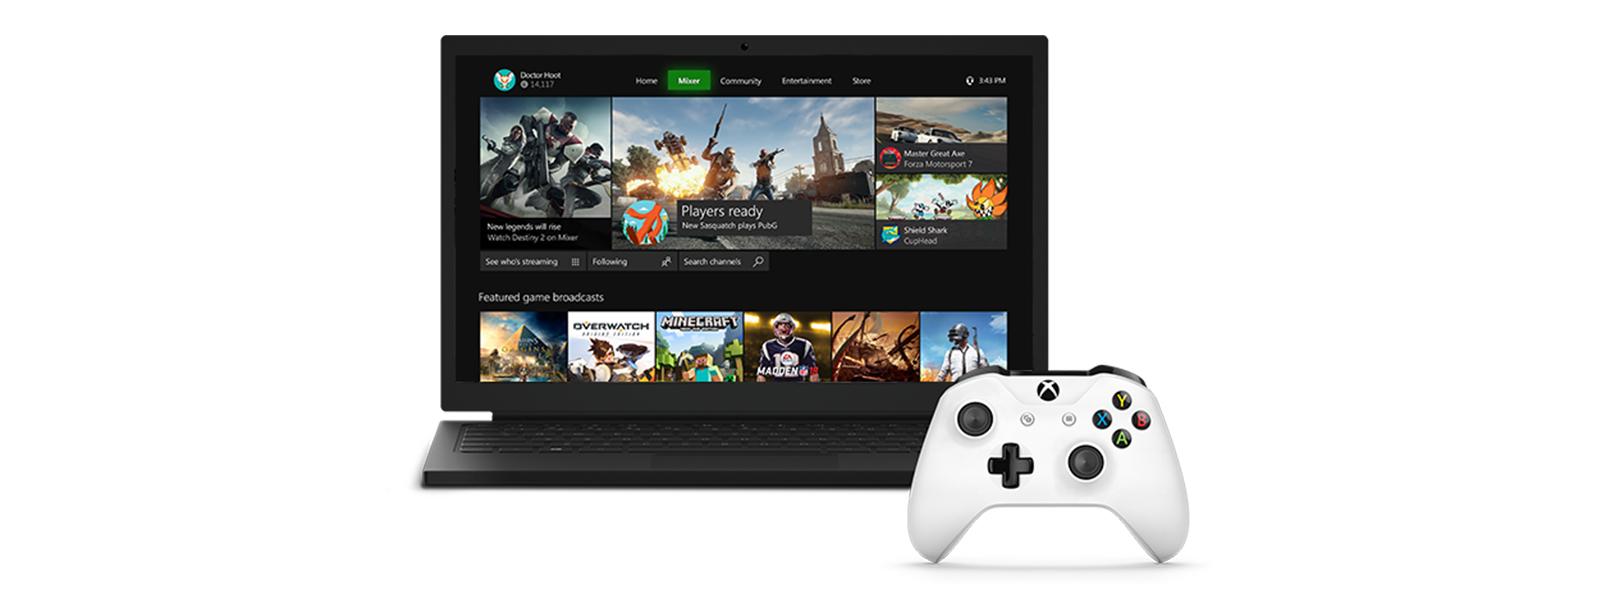 Mixer mit neuer Benutzeroberfläche für Windows 10-Spiele